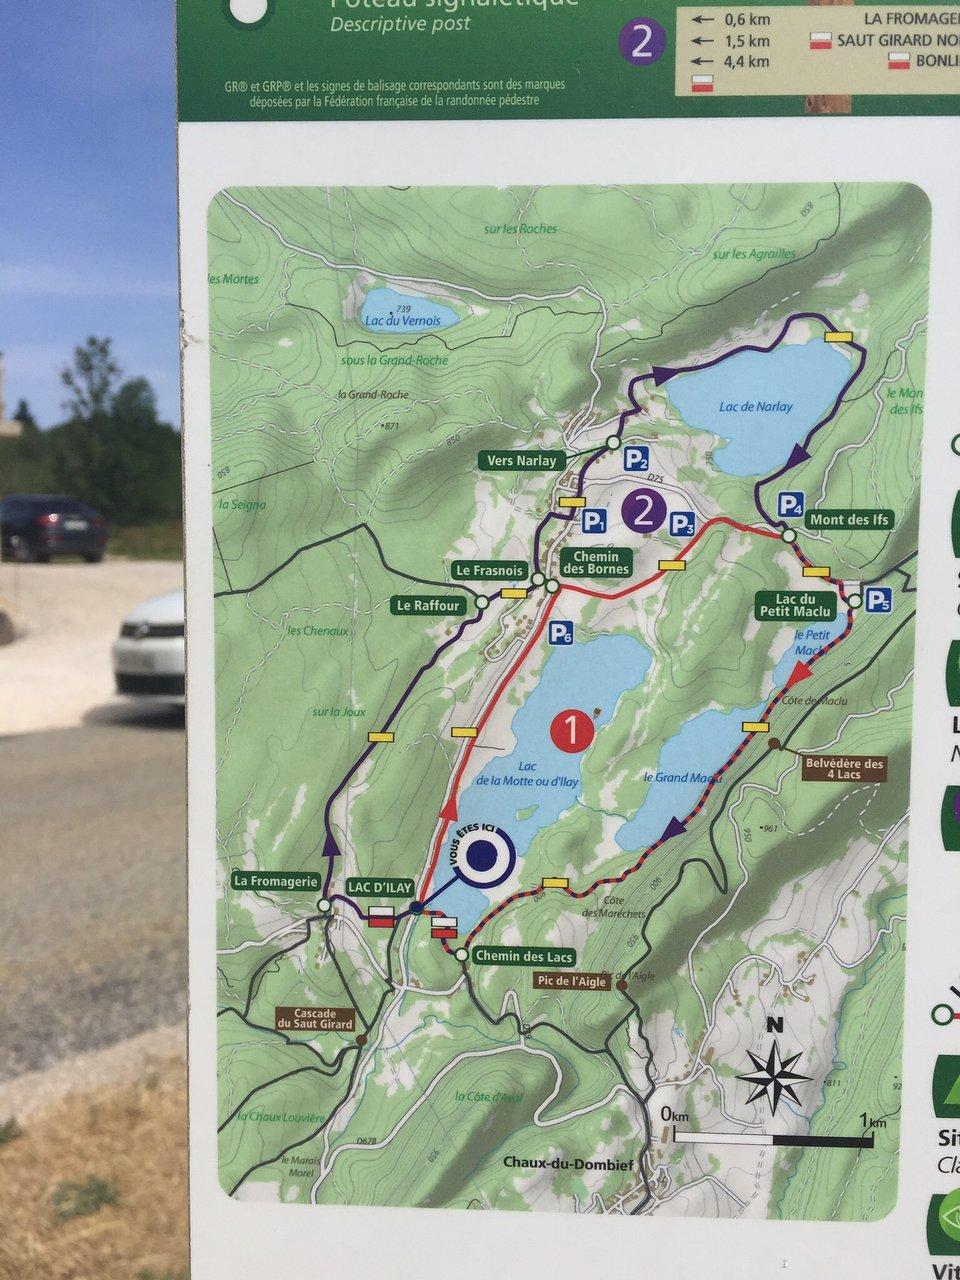 Randonnee Des Quatre Lacs La Chaux Du Dombief 2020 Ce Qu Il Faut Savoir Pour Votre Visite Tripadvisor